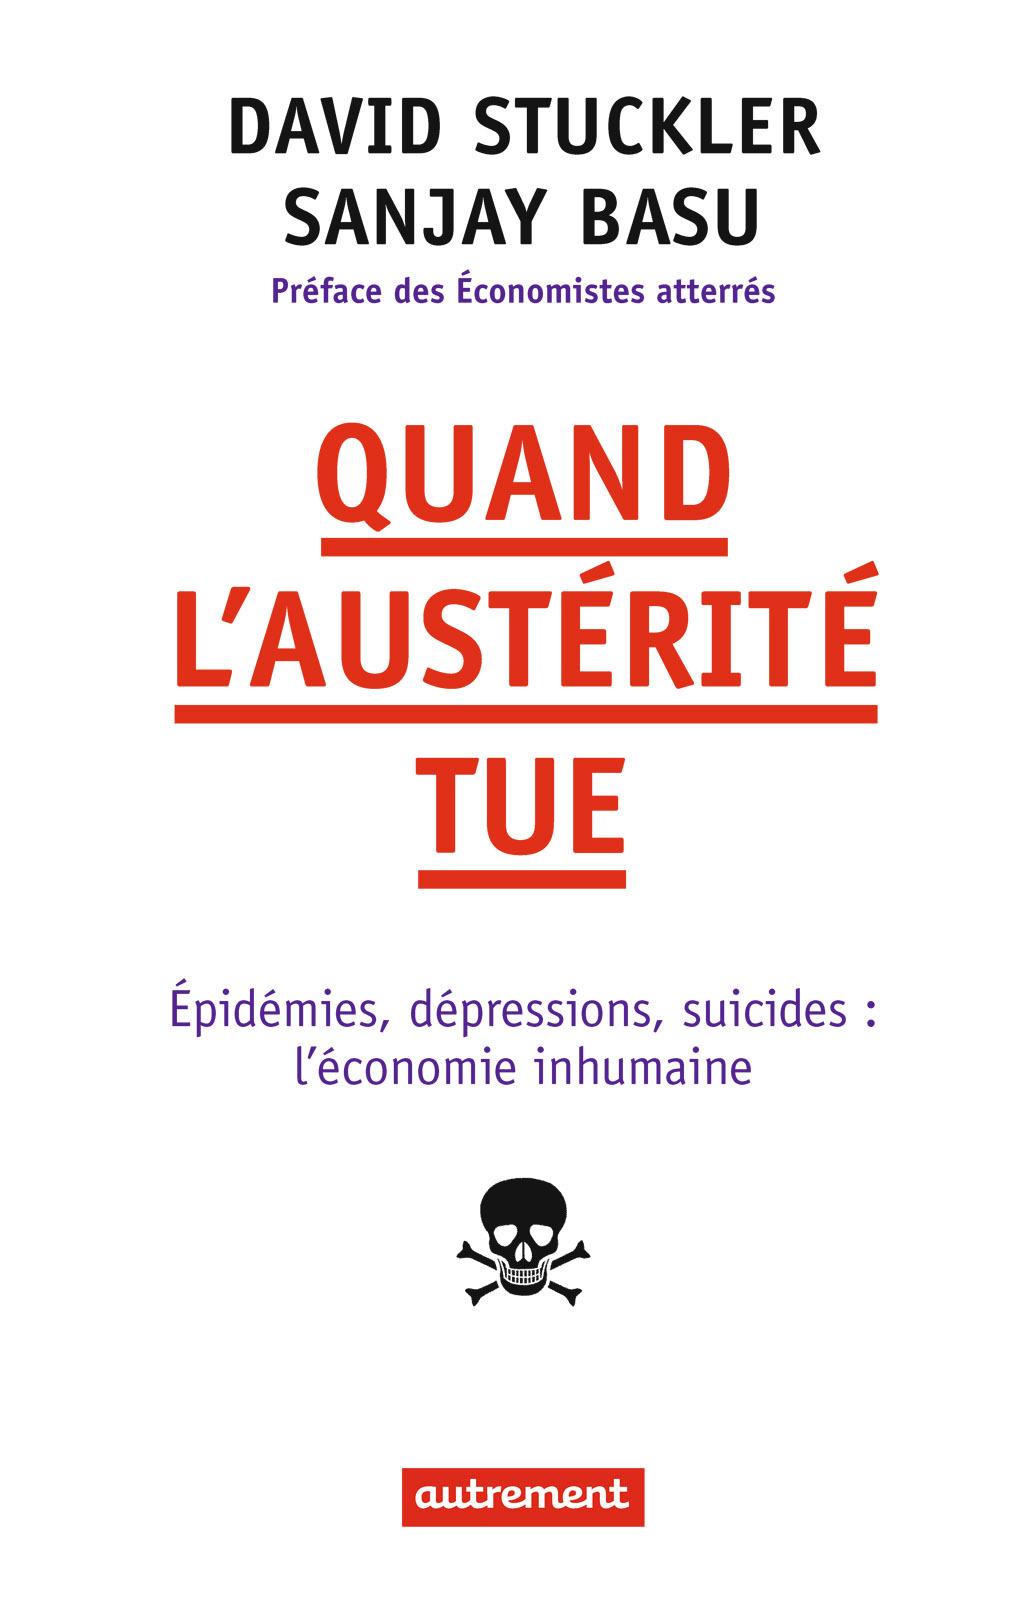 Quand l'austérité tue, EPIDÉMIES, DÉPRESSIONS, SUICIDES : L'ÉCONOMIE INHUMAINE